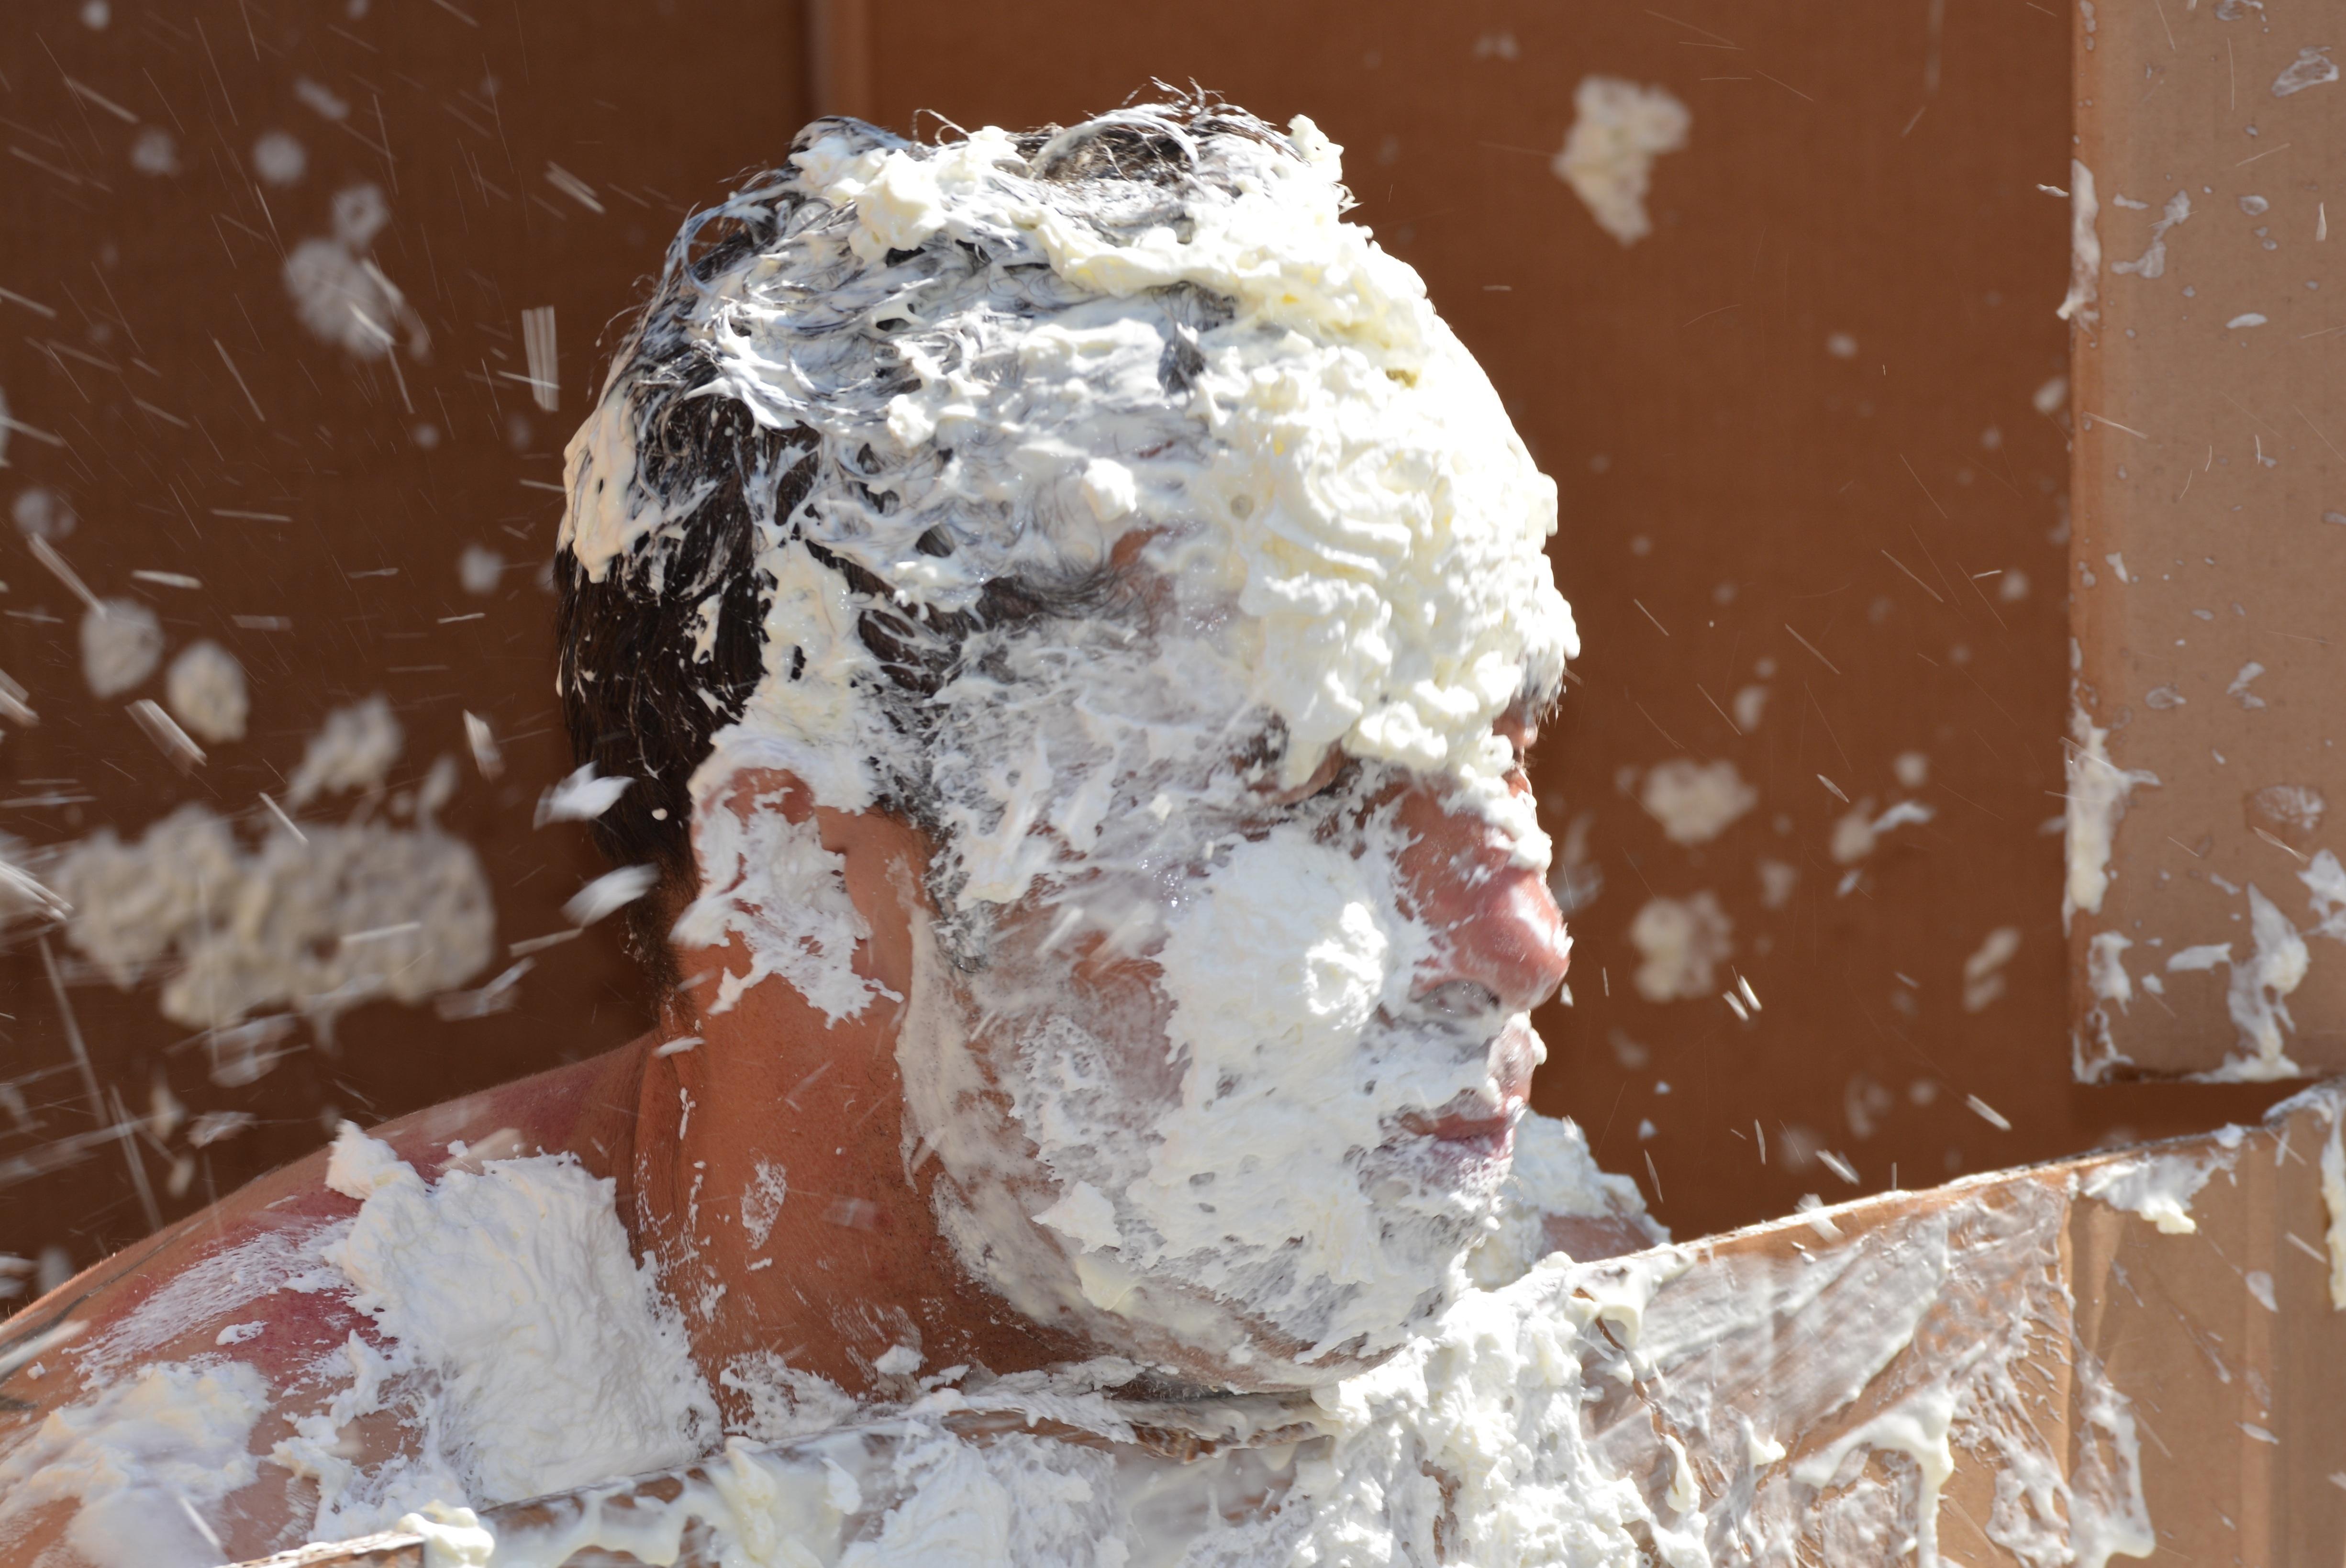 Fotoğraf Adam Kar Kış Insanlar Beyaz Buz Hava Kek Malzeme